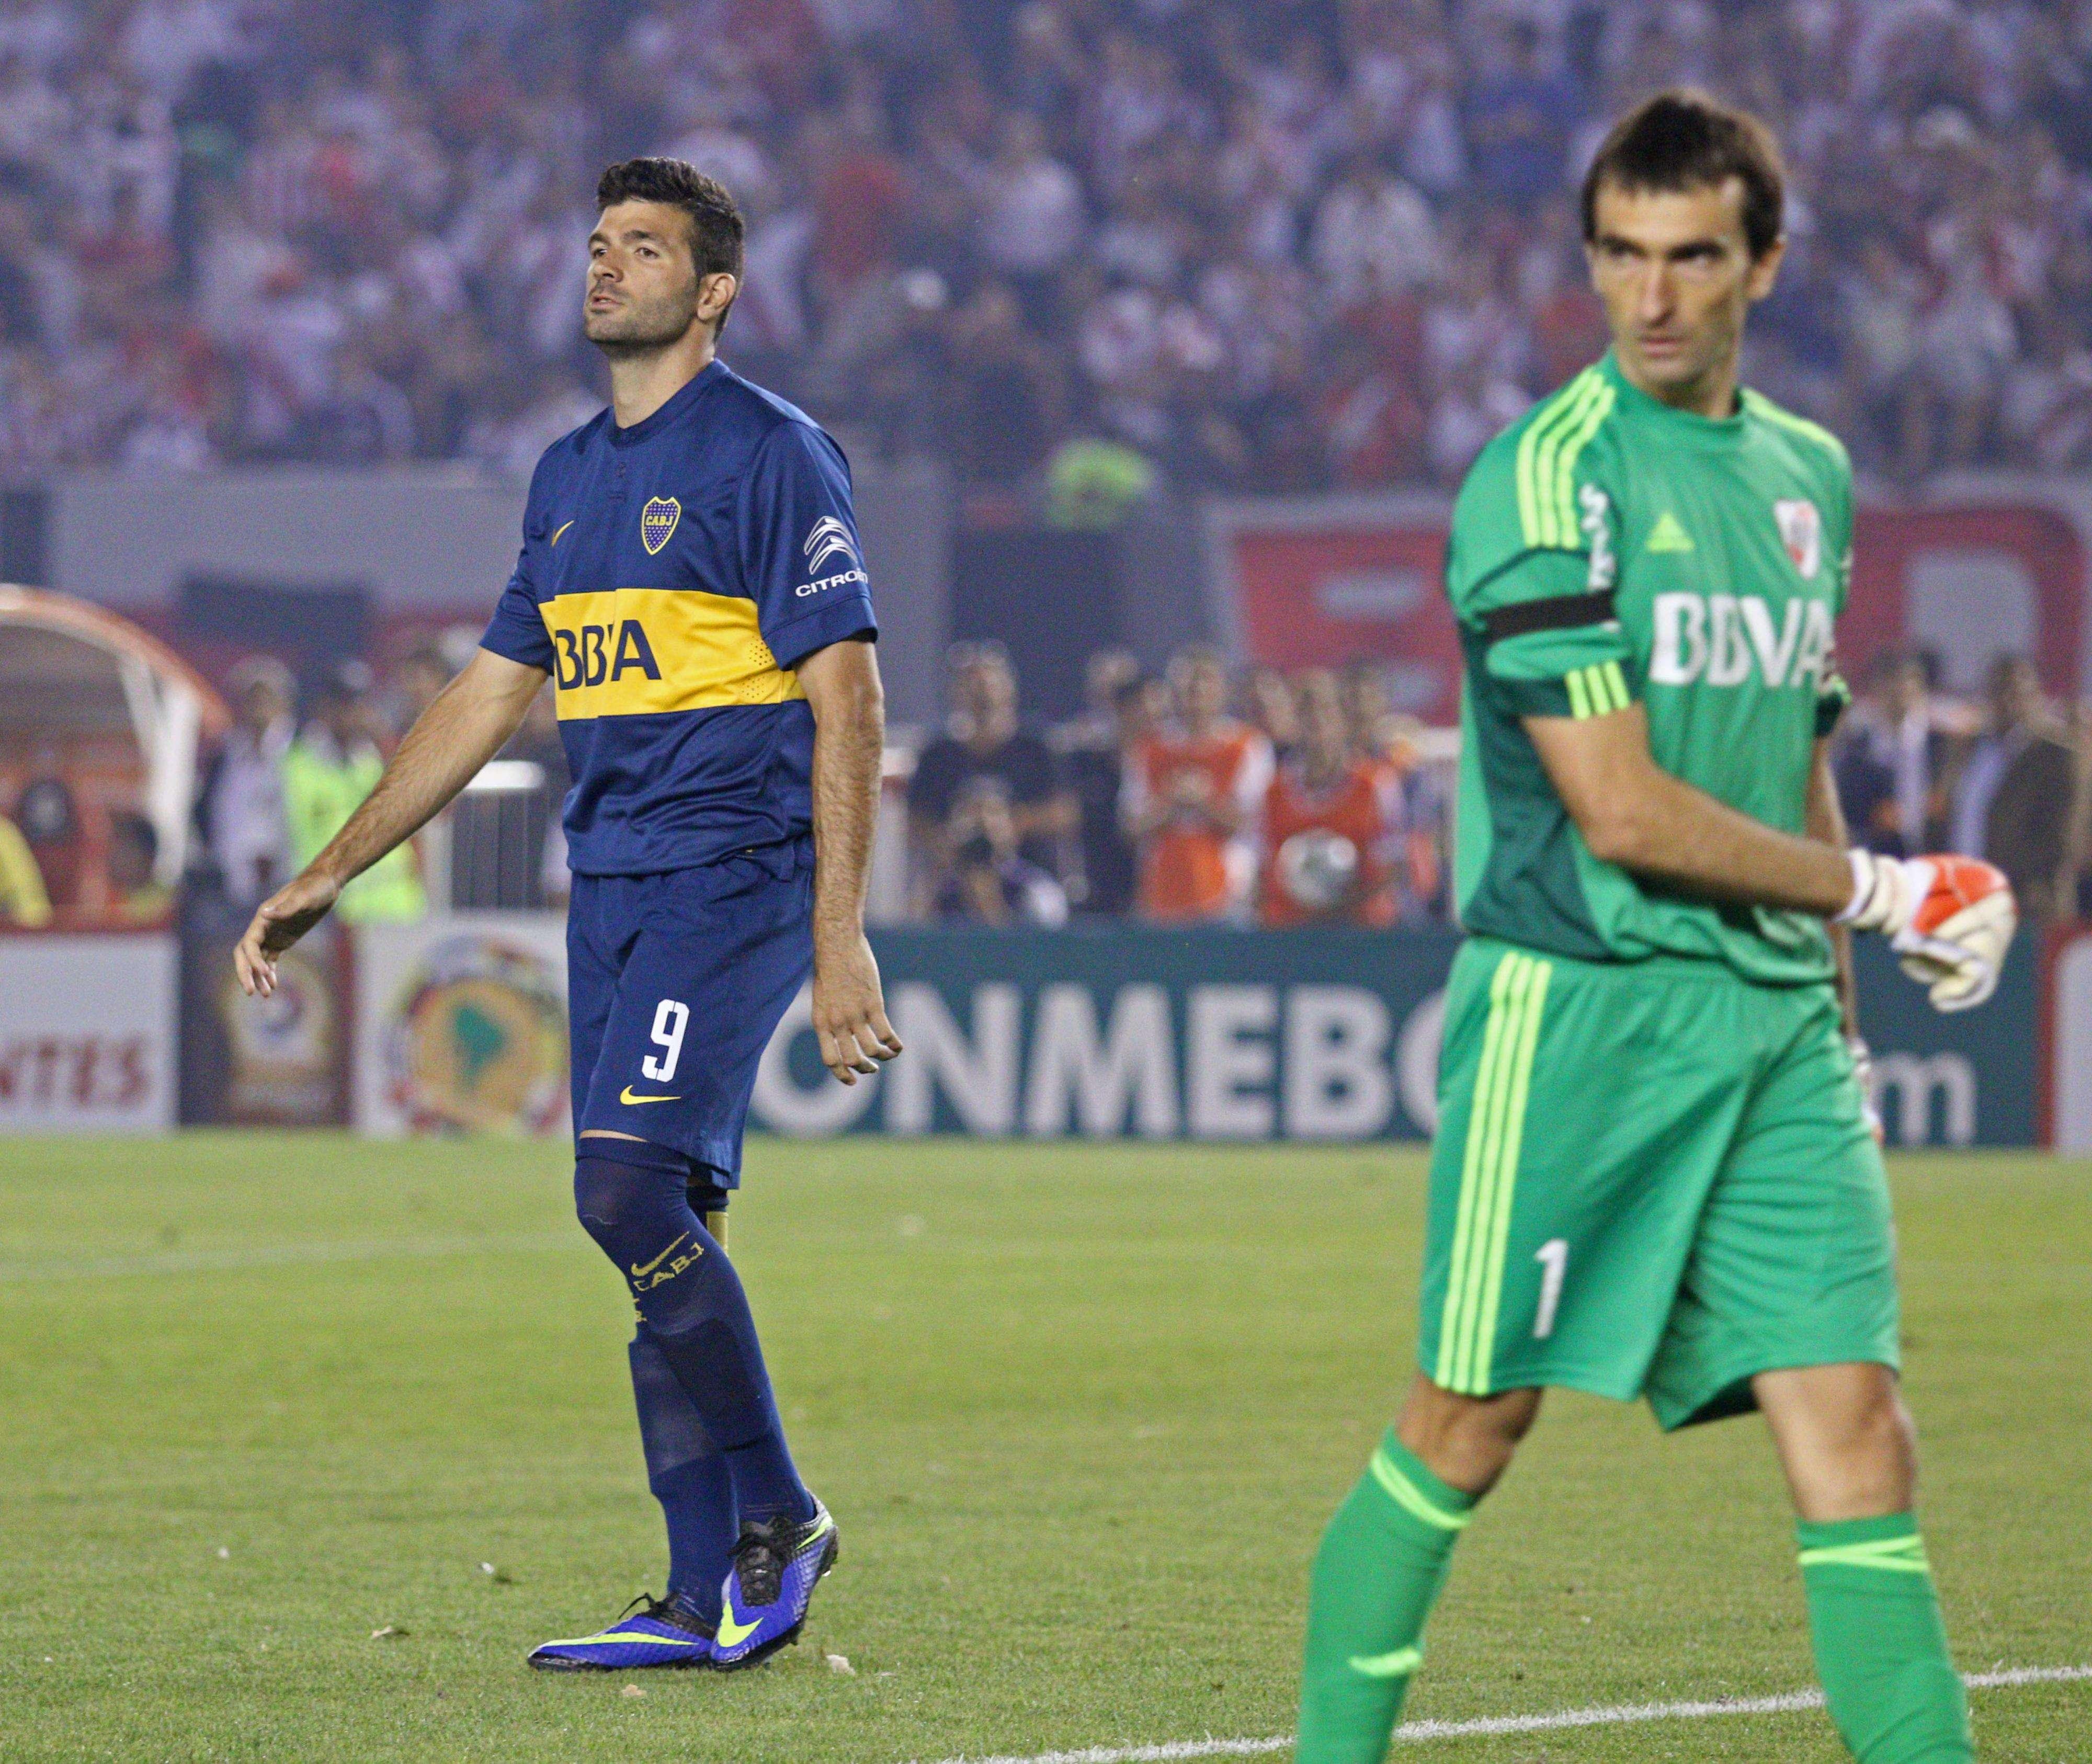 Barovero le detuvo el penal a Gigliotti al inicio del partido Foto: Noticias Argentinas